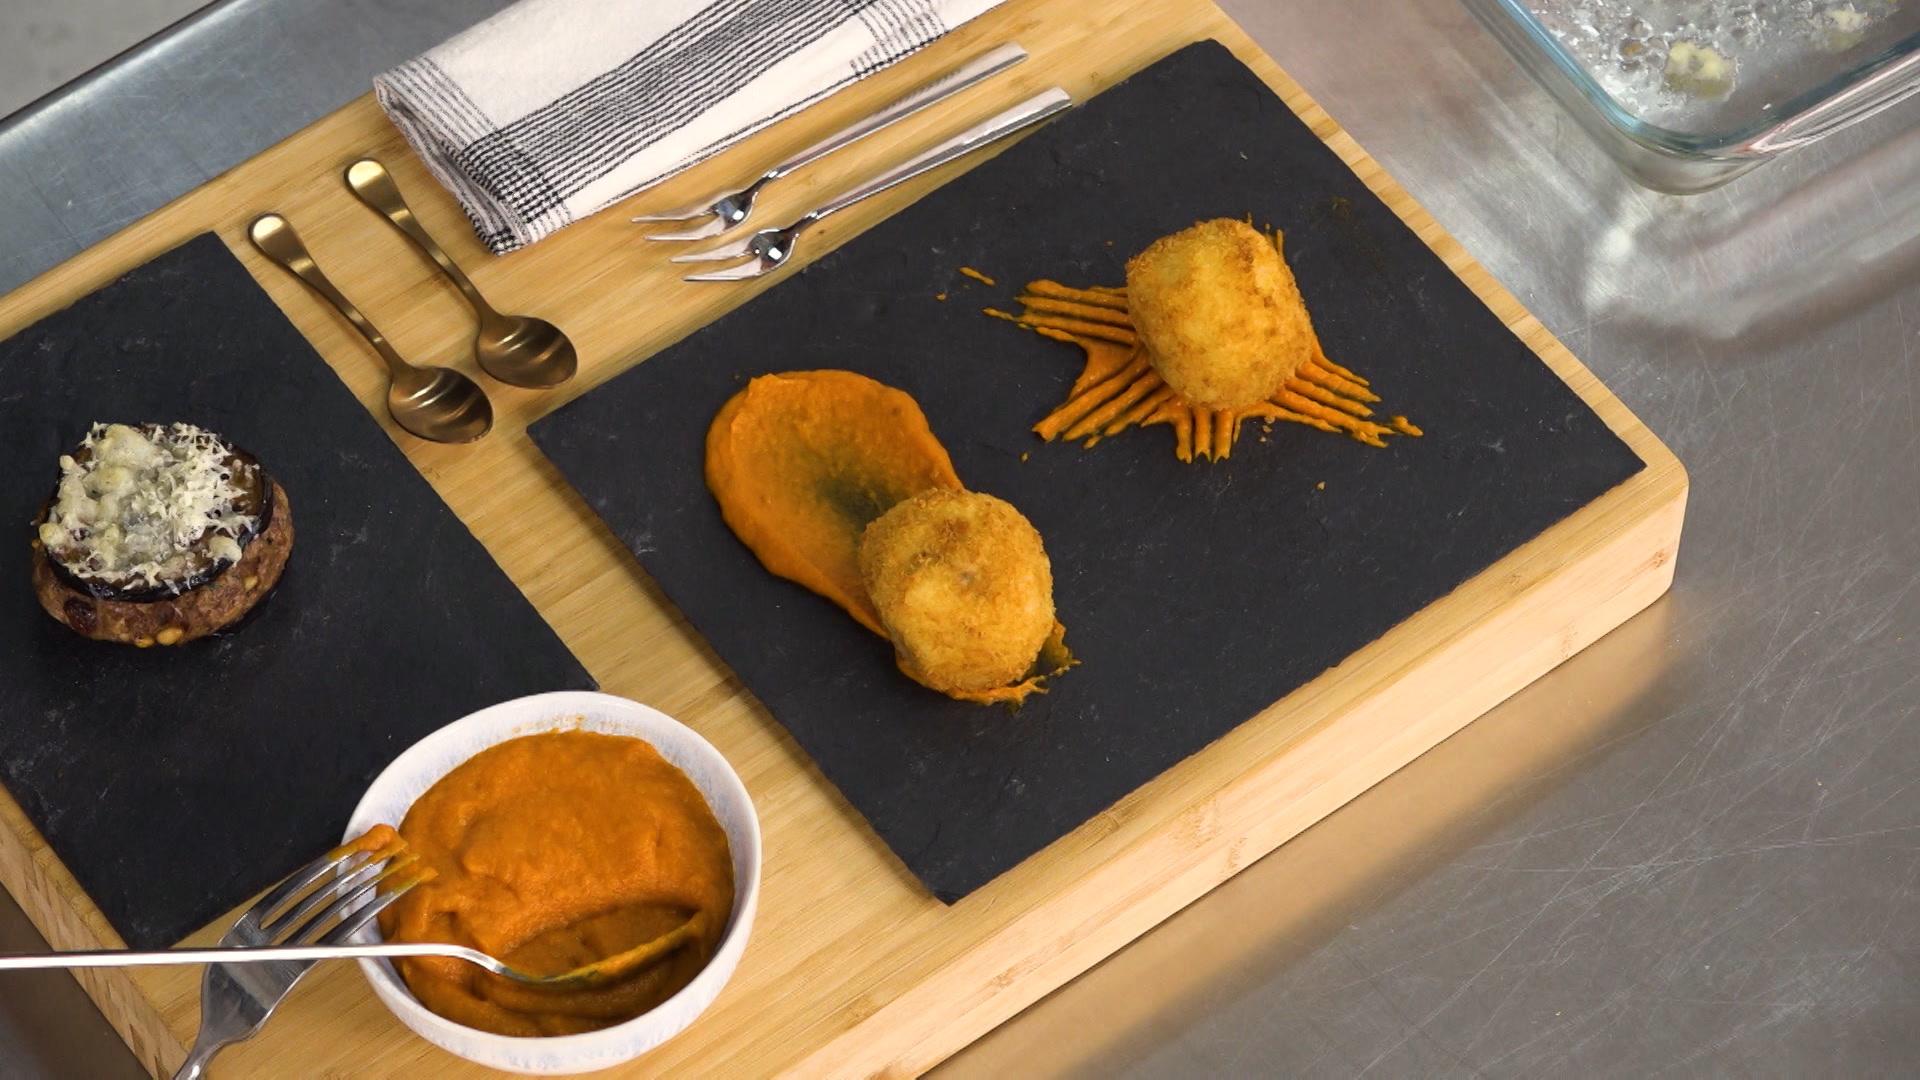 Croquetas de patata y carne al estilo de Pepa